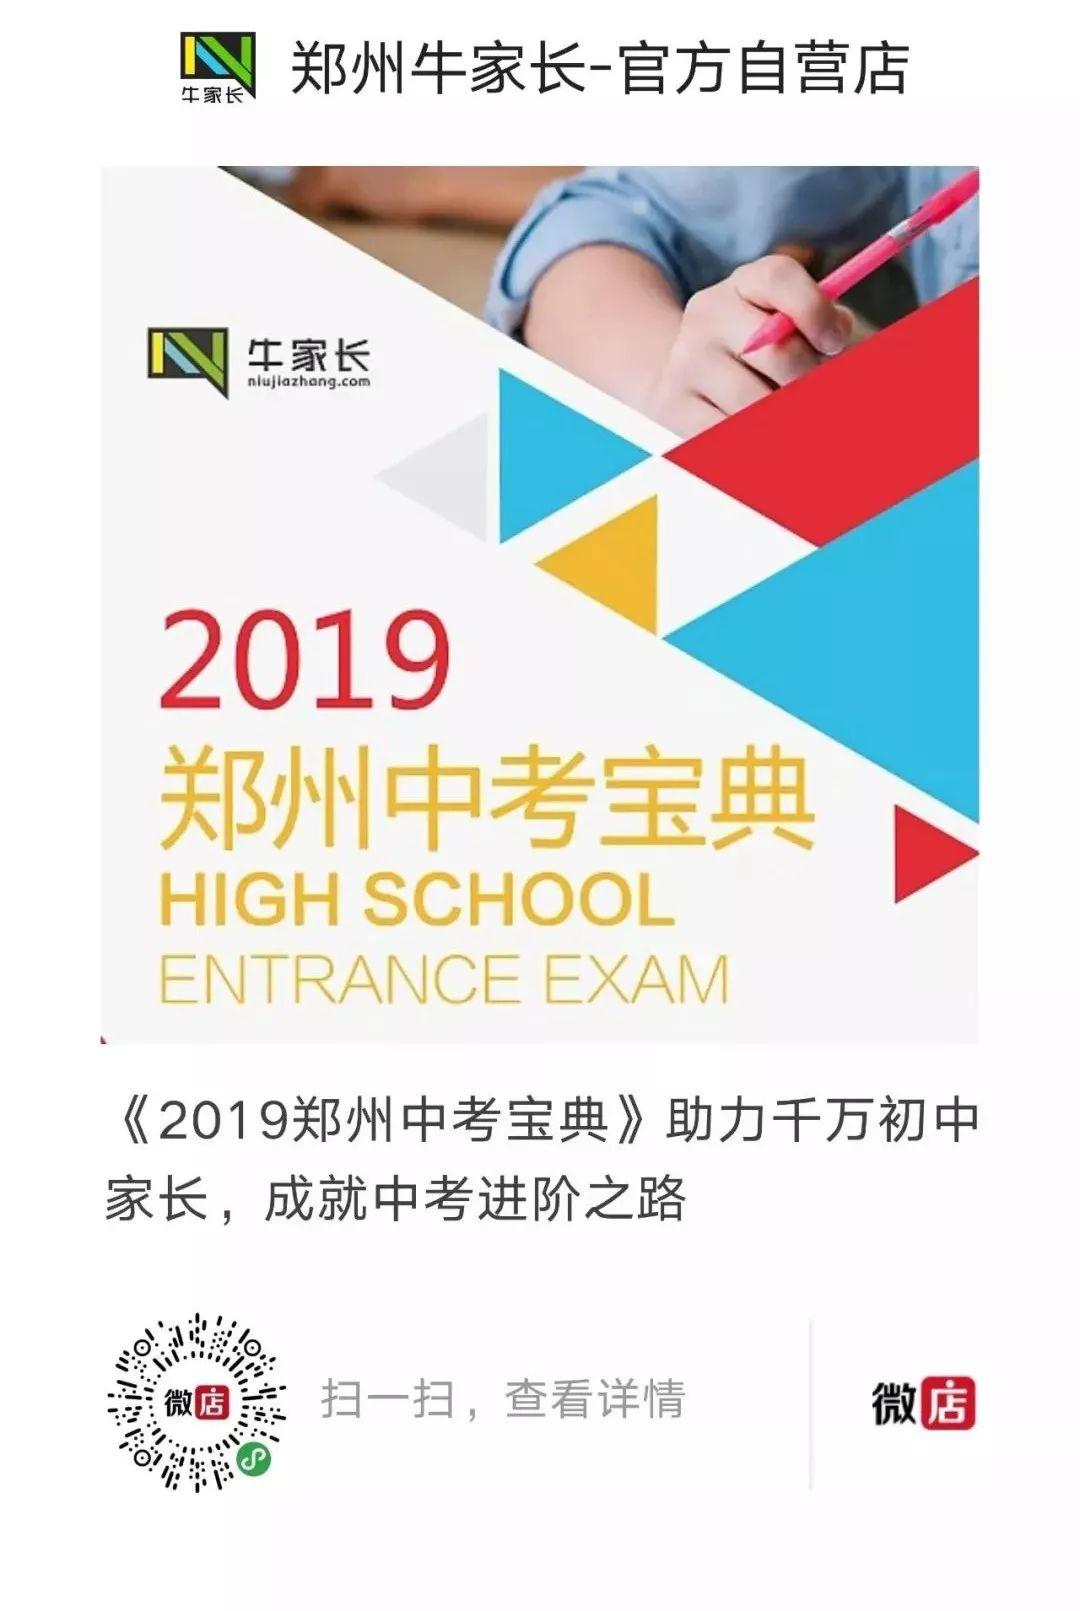 以天明班为名片、录取分数线视频v名片,郑州四连年高中女生a名片图片